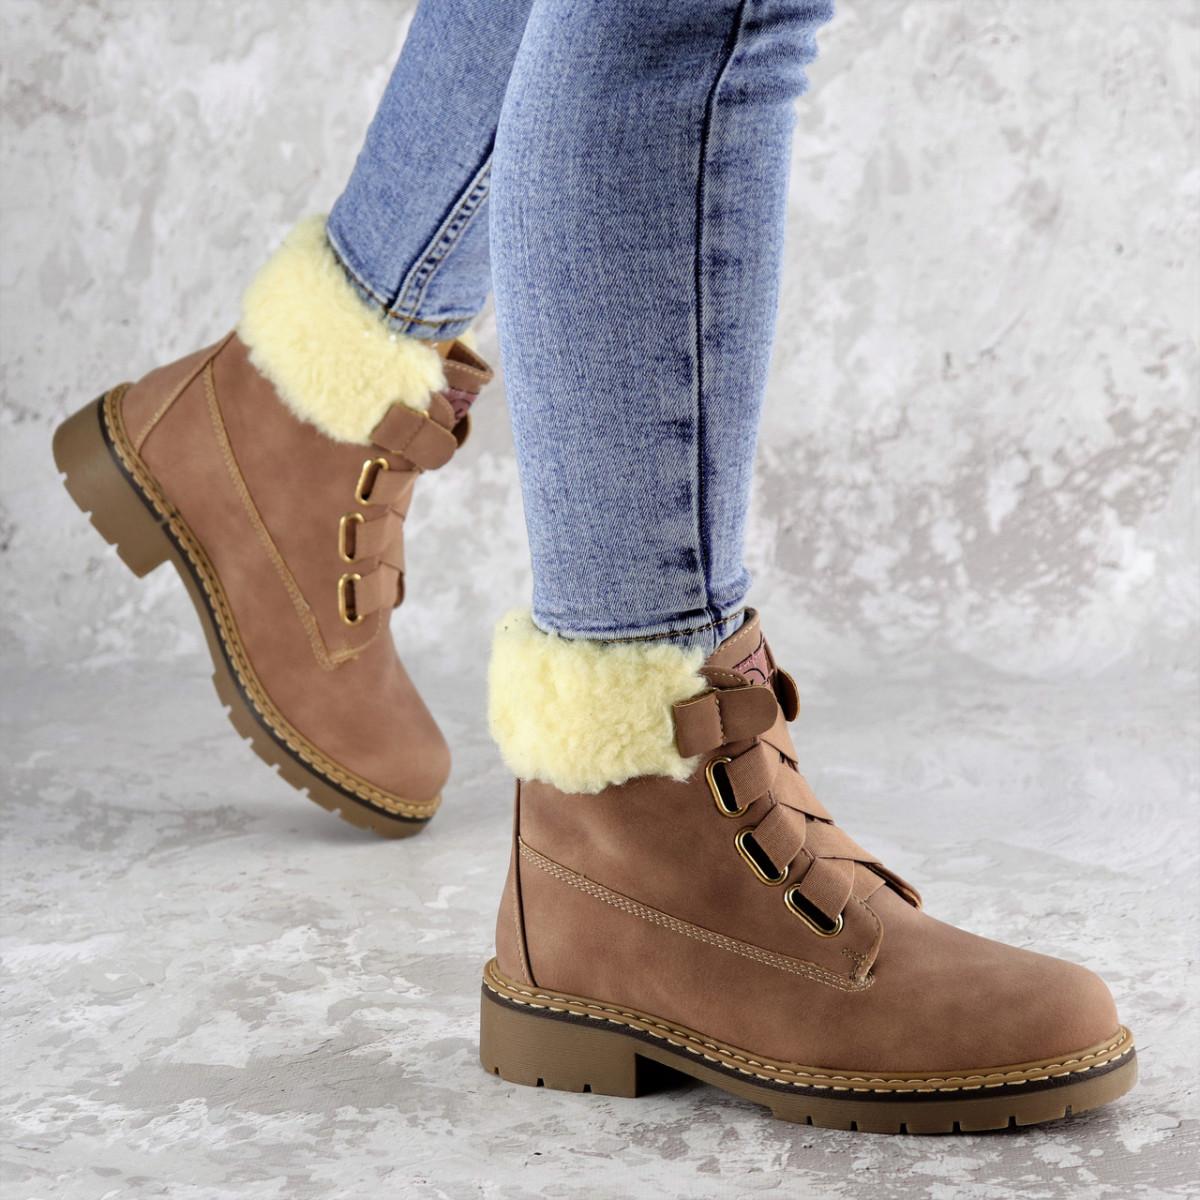 Жіночі зимові черевики Fashion Taffata 1374 36 розмір 23 см Коричневий